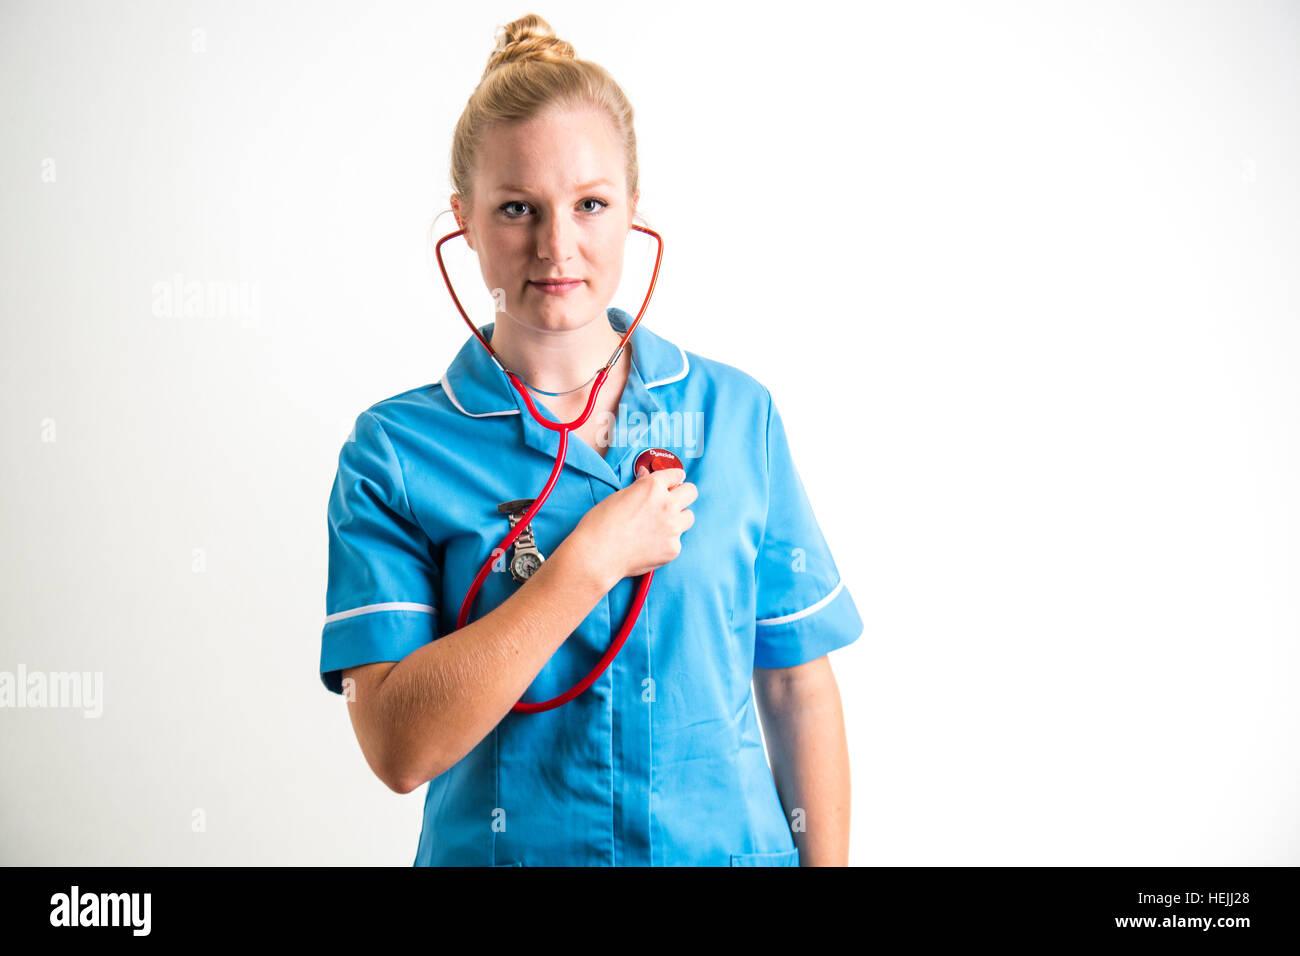 UK Health Care Professionals: A National Health Service (NHS) Frau Krankenschwester ihren eigenen Herzschlag mit Stockbild